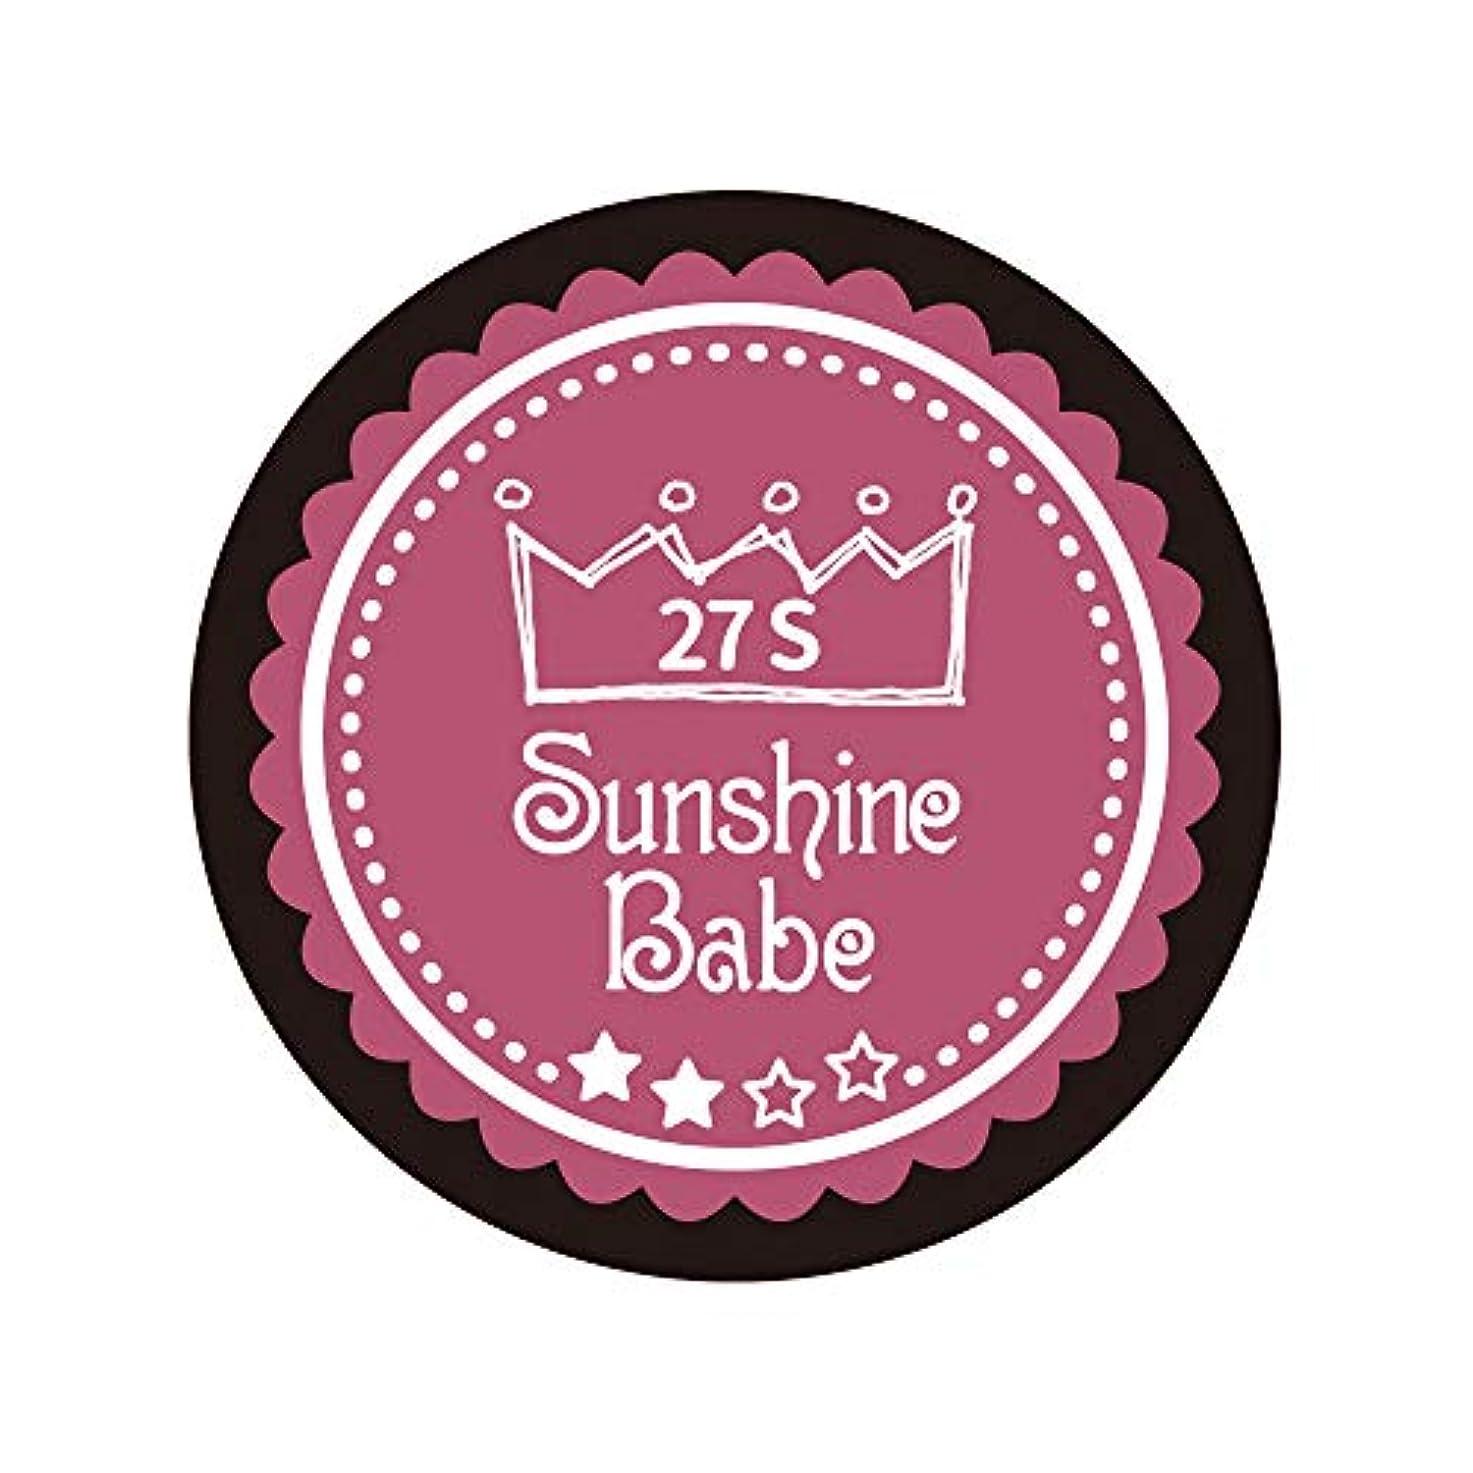 懐電球悪行Sunshine Babe カラージェル 27S プアゾン 2.7g UV/LED対応